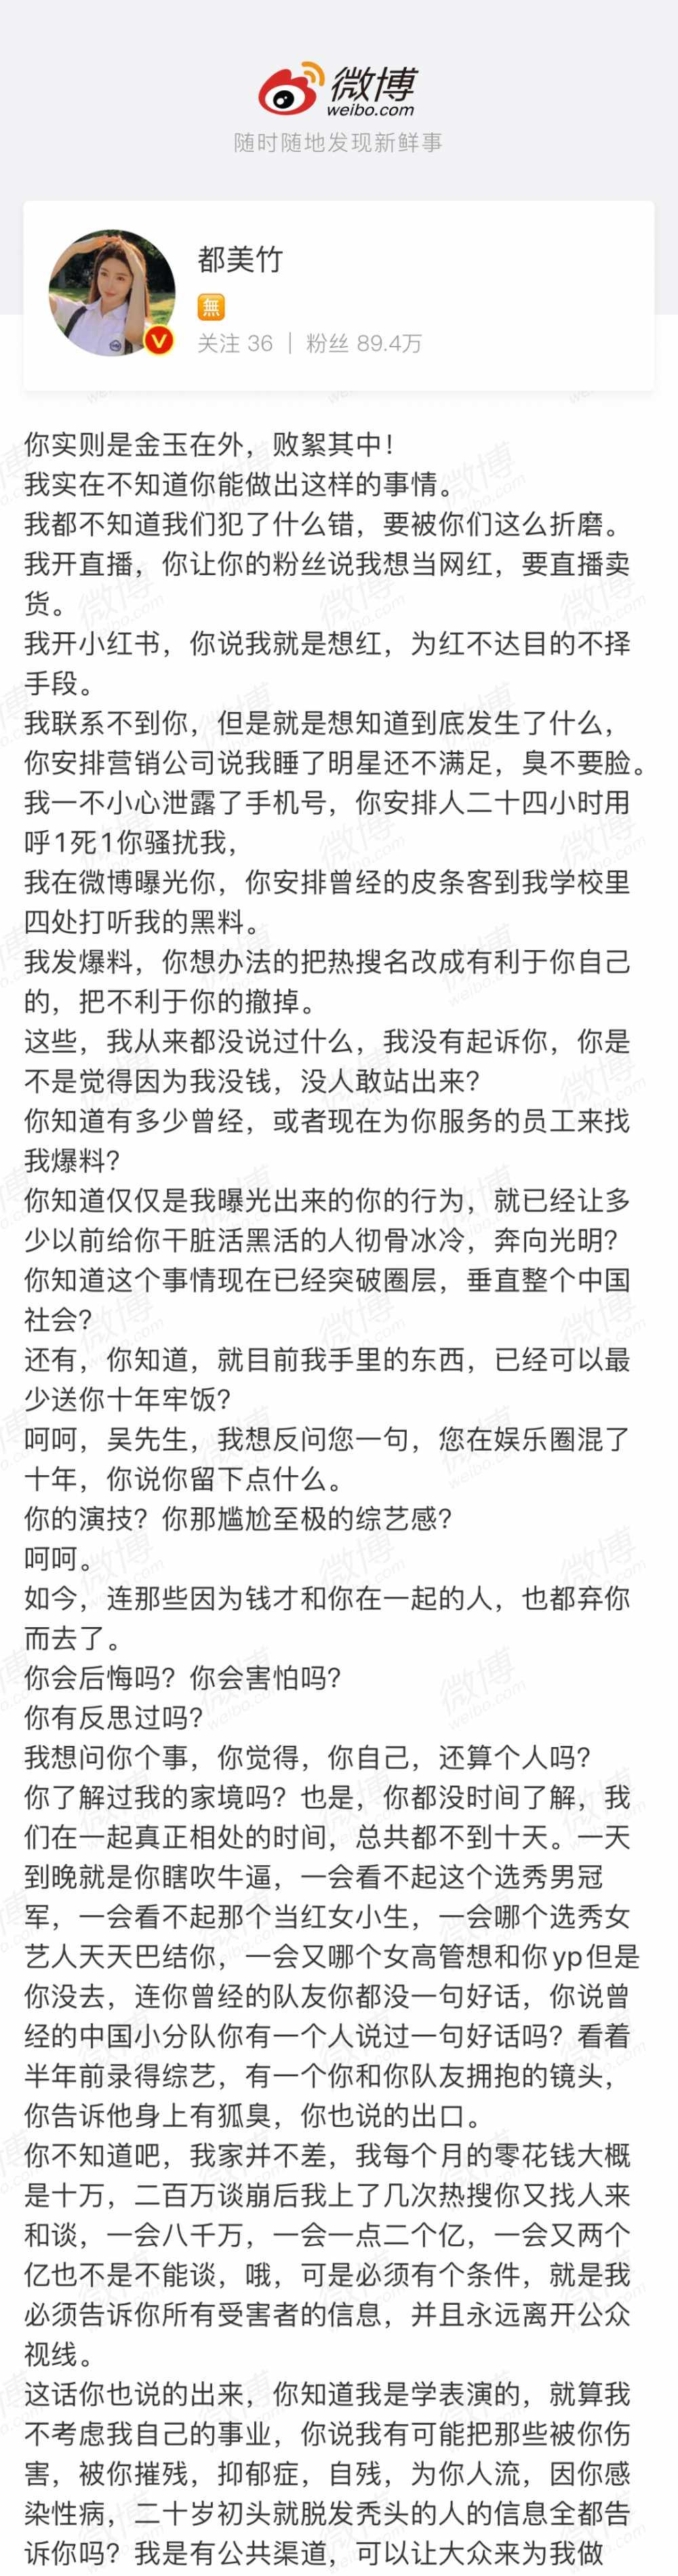 吴亦凡翻车,三百多万人在韩束直播间集体狂欢-第2张图片-周小辉博客